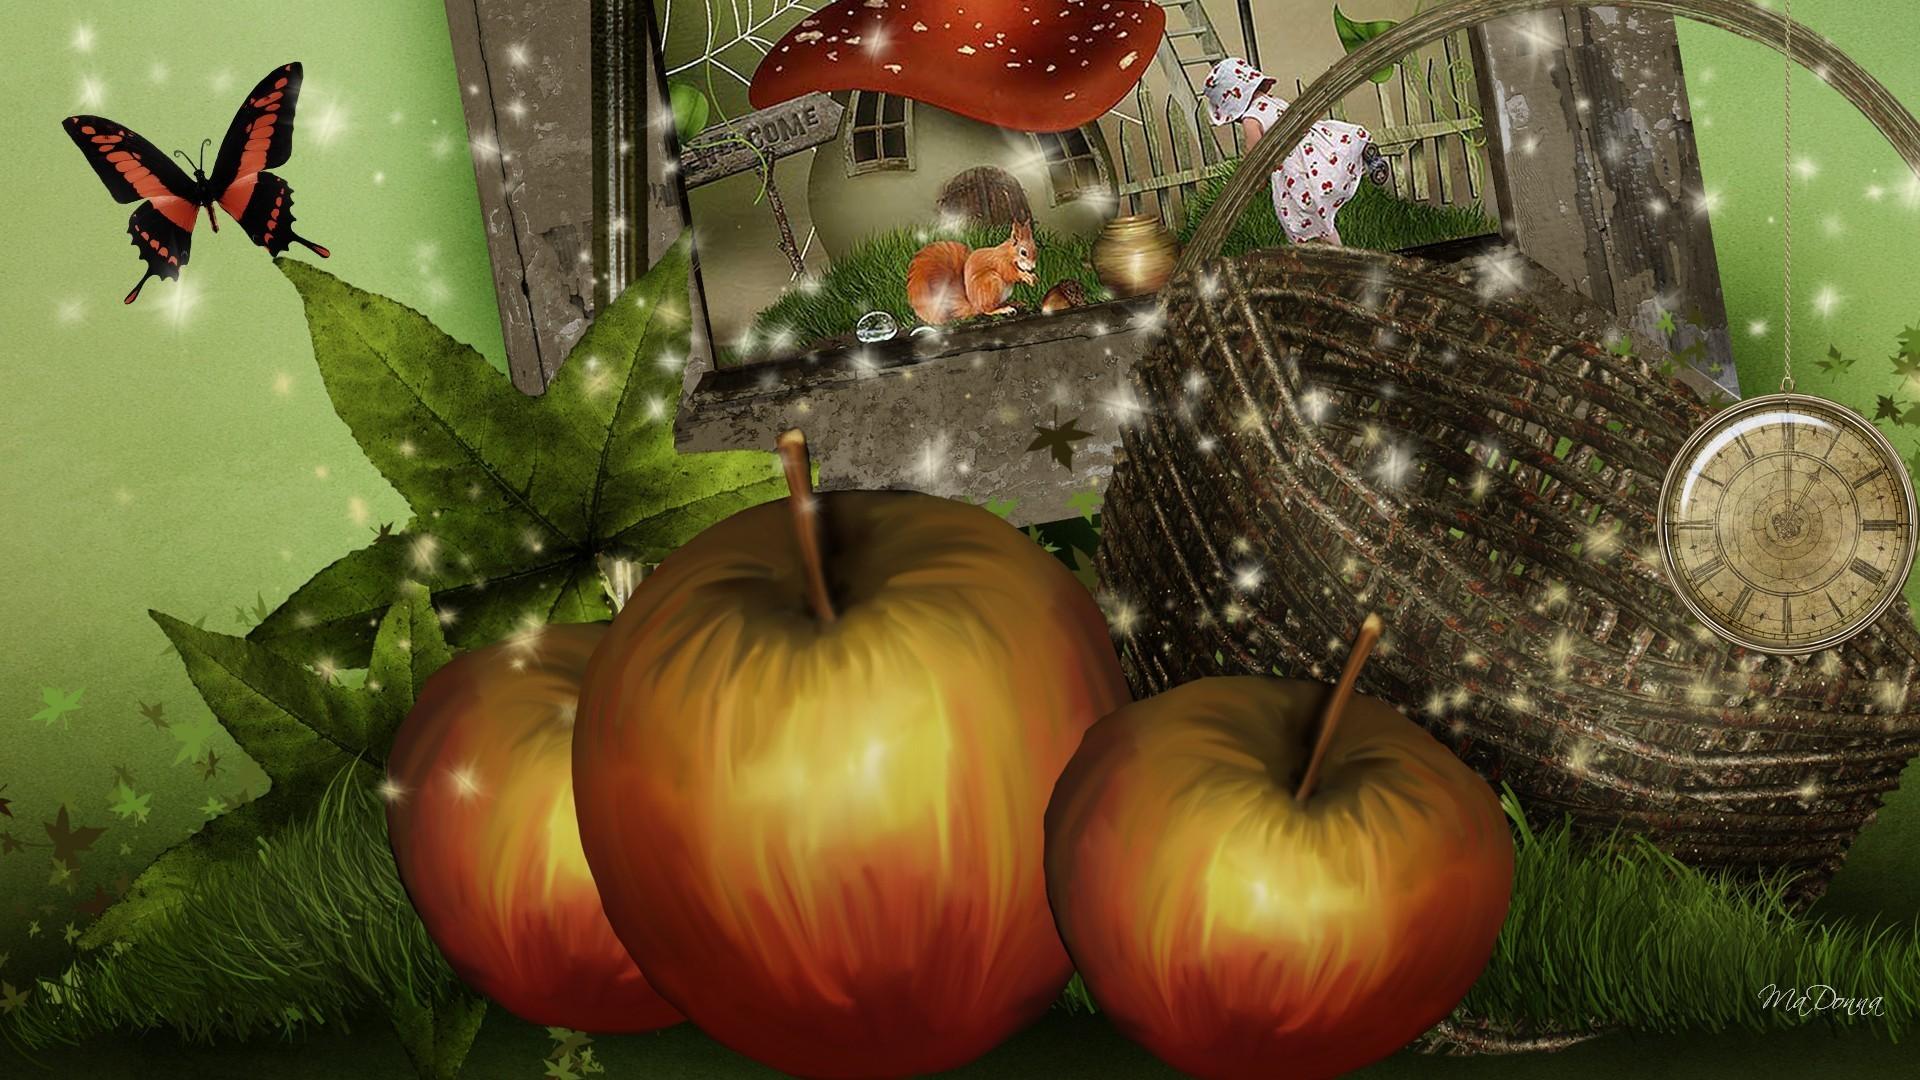 Fall Harvest Iphone Wallpaper Pumpkin Desktop Wallpaper 183 ①